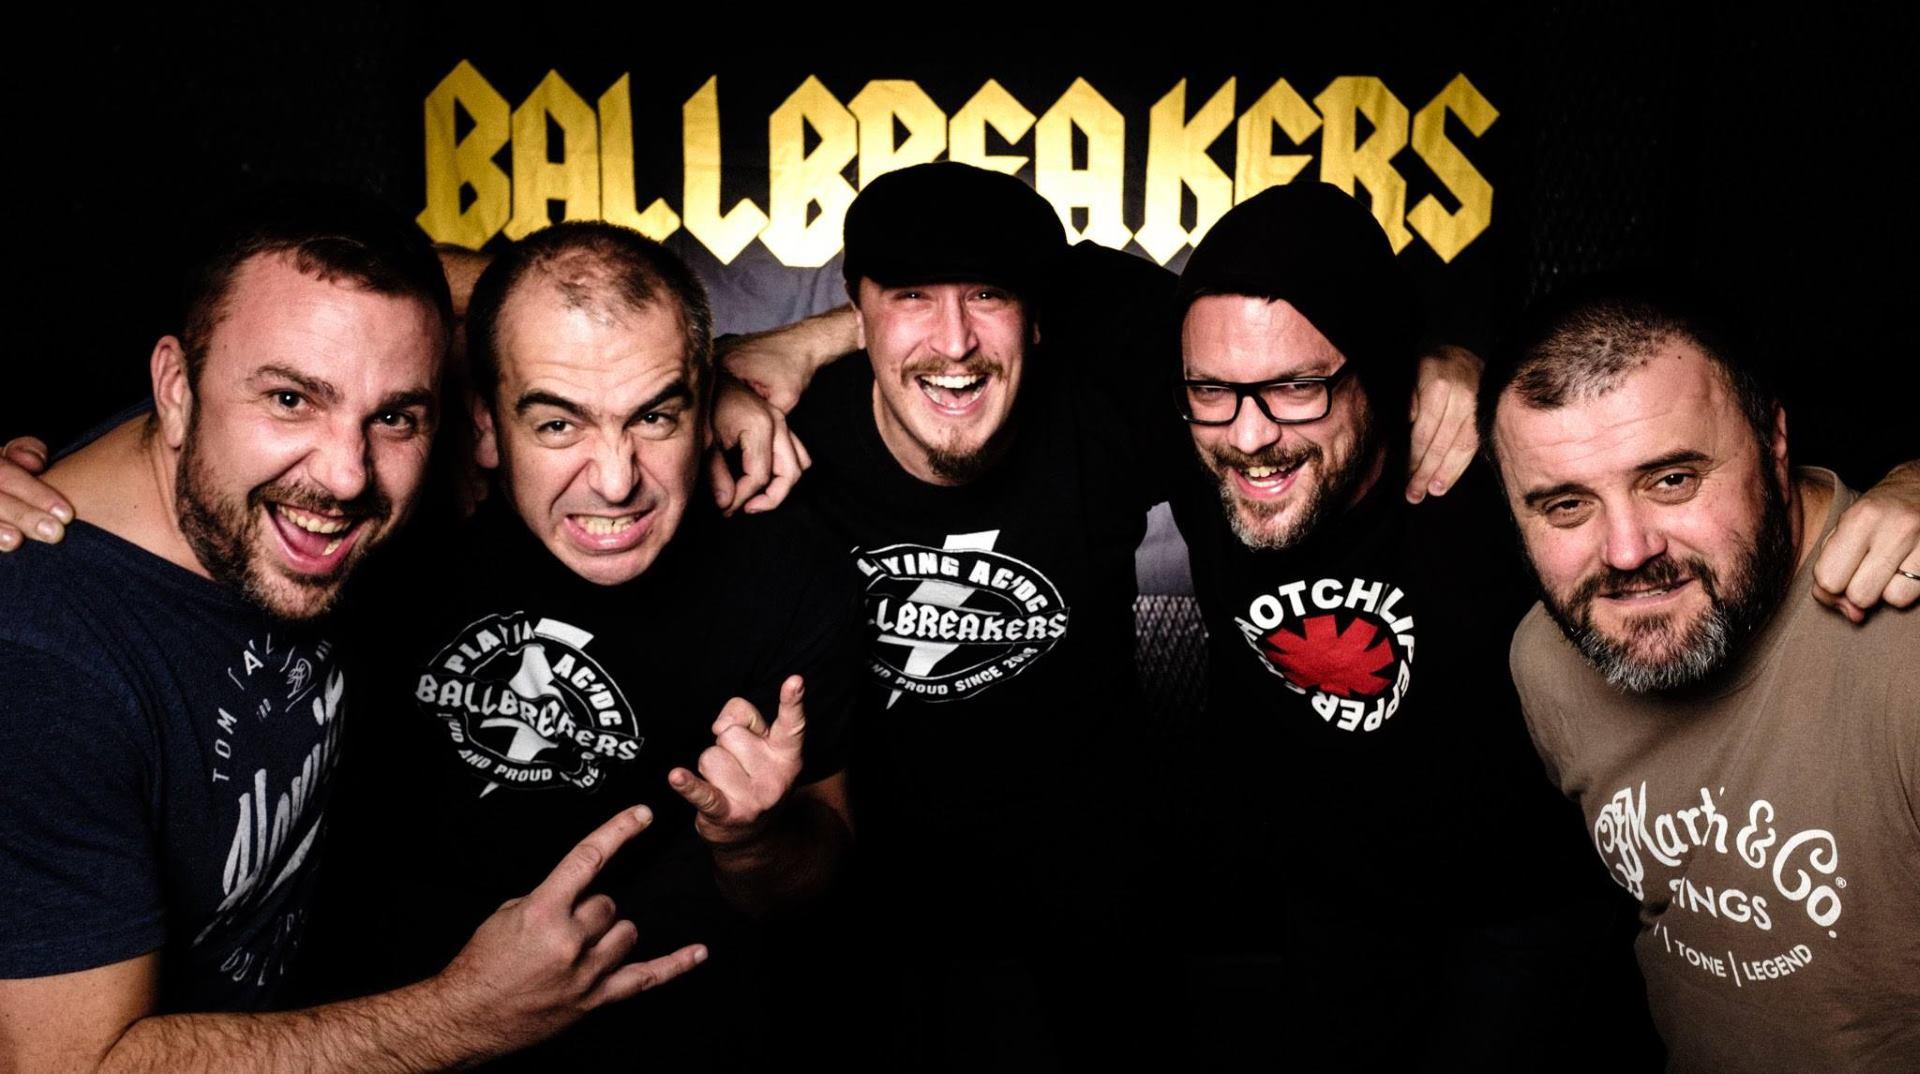 Ballbreakers slave deset godina postojanja na hard-rock sceni